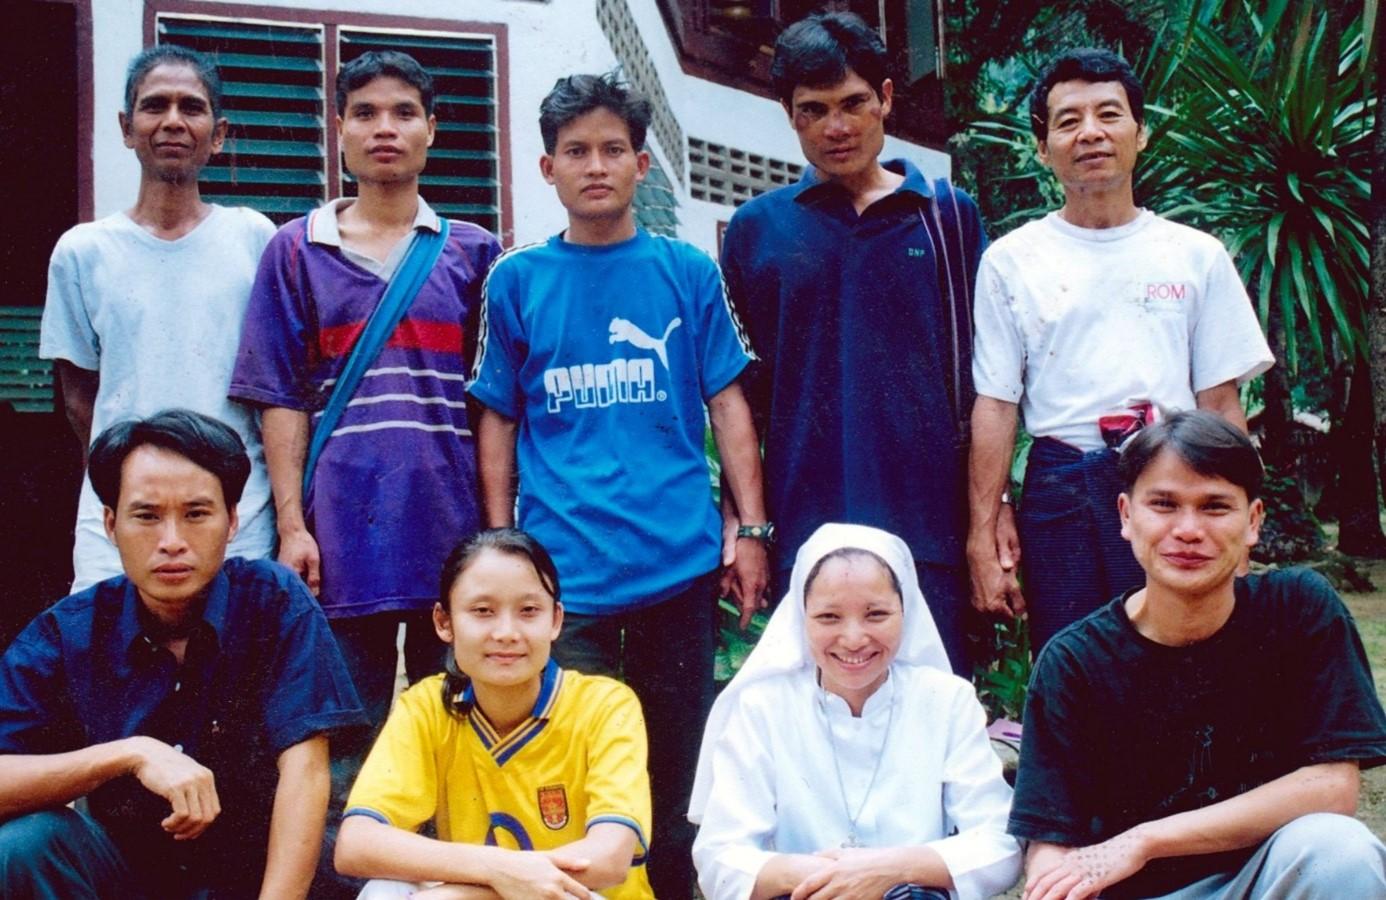 Réunion des catéchistes 2004